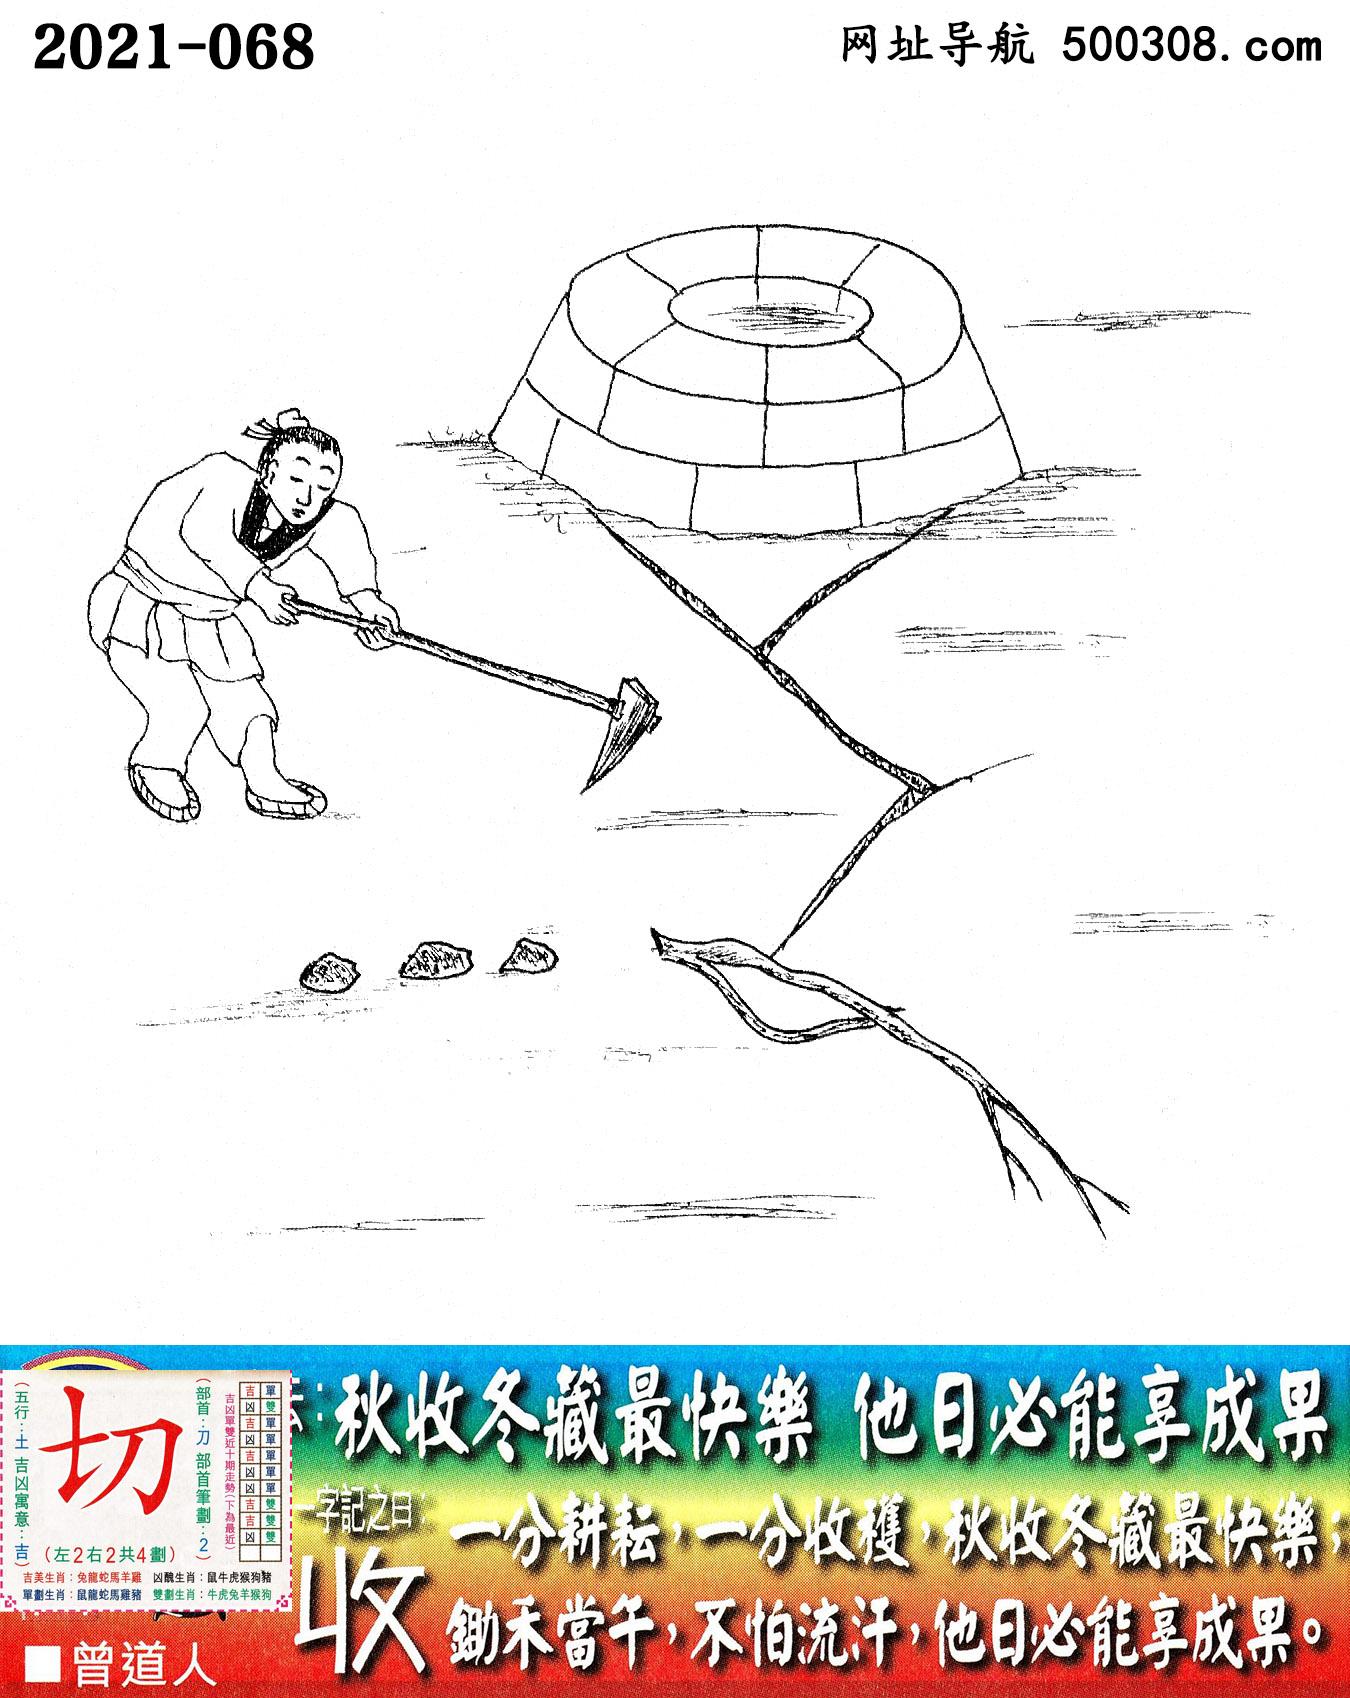 068期老版跑狗一字�之曰:【收】_��:秋收冬藏最快�罚�他日必能享成果。